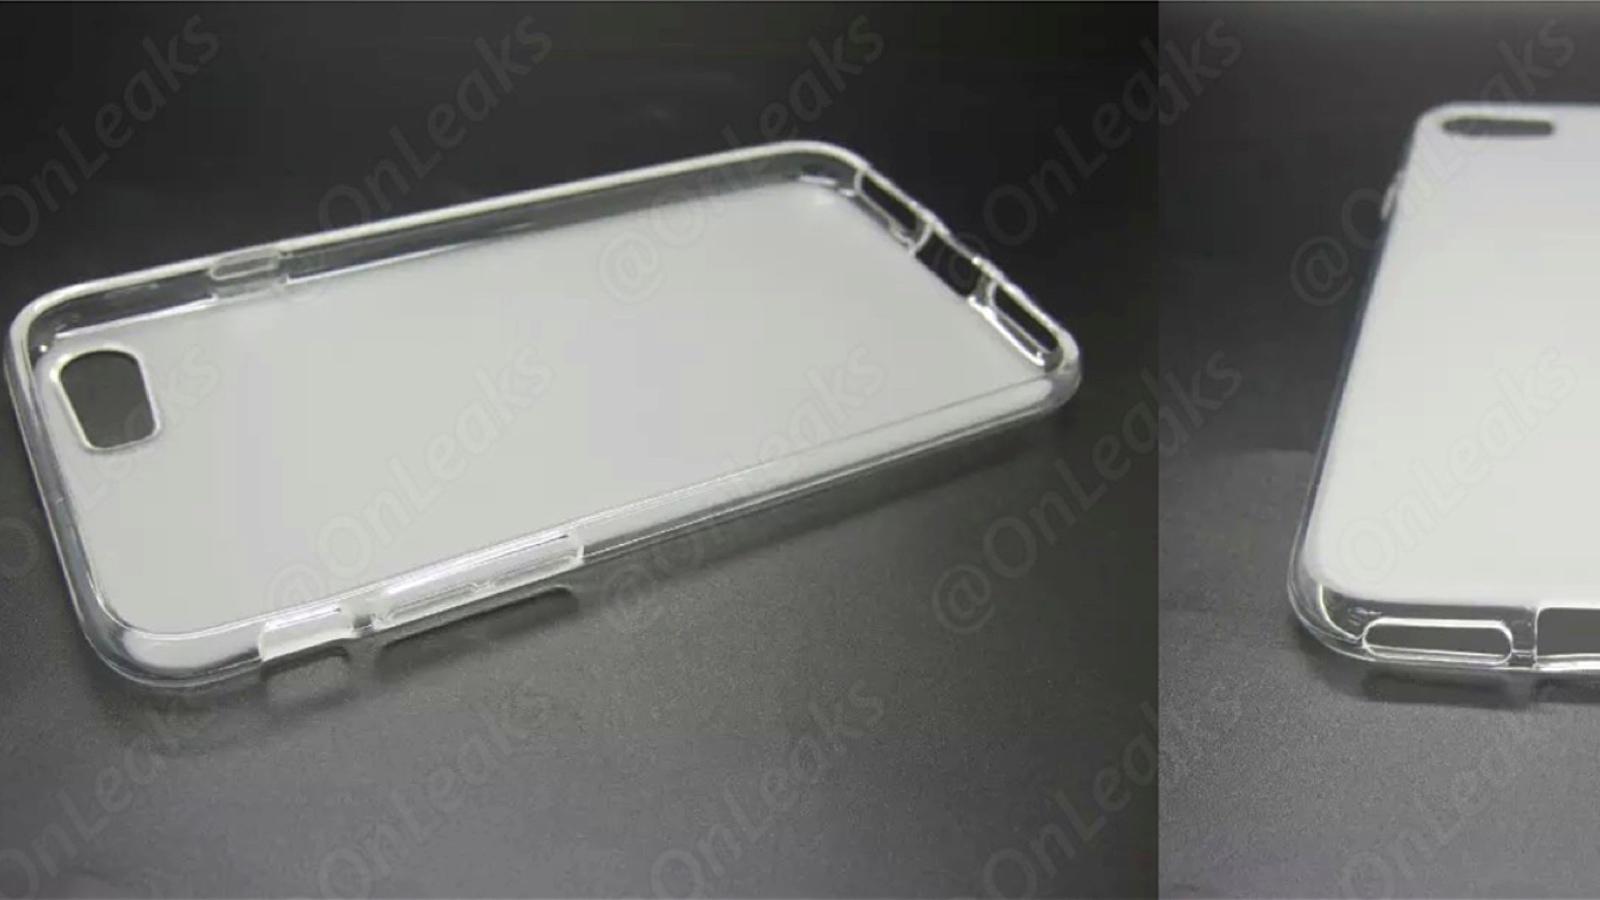 Фотографии чехлов для iPhone 7